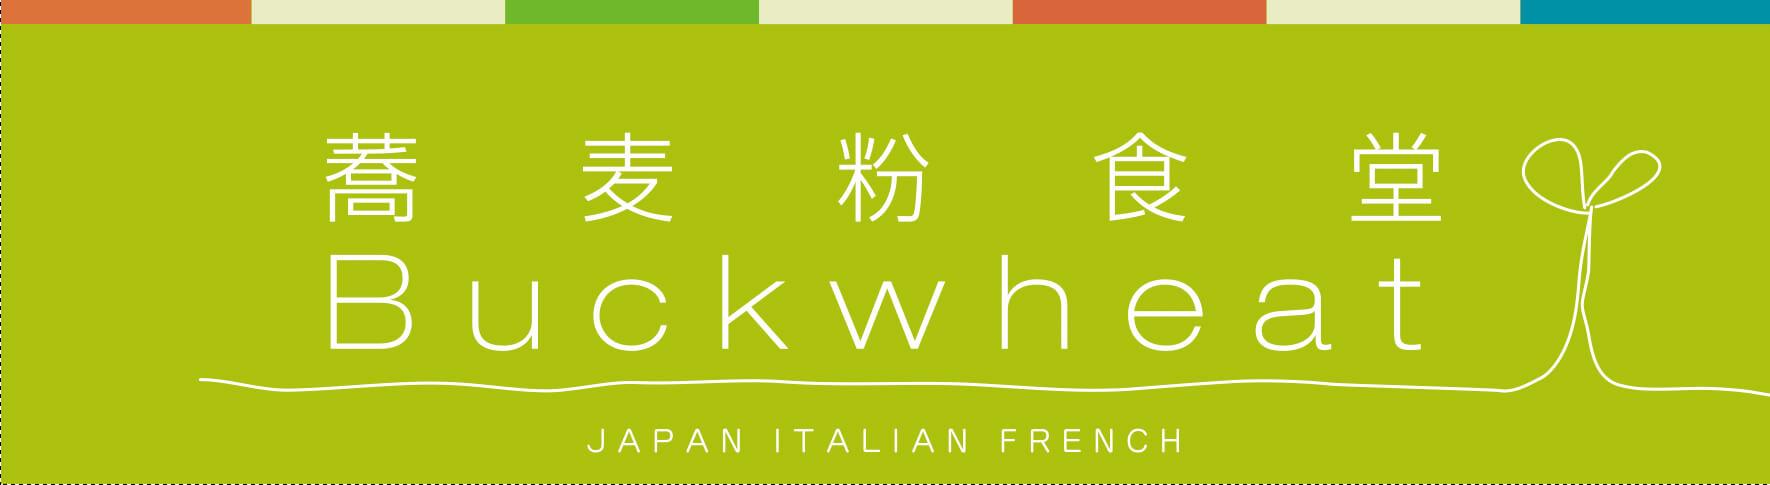 藤沢のランチ、ディナーなら蕎麦粉食堂Backwheat(バックウィート)